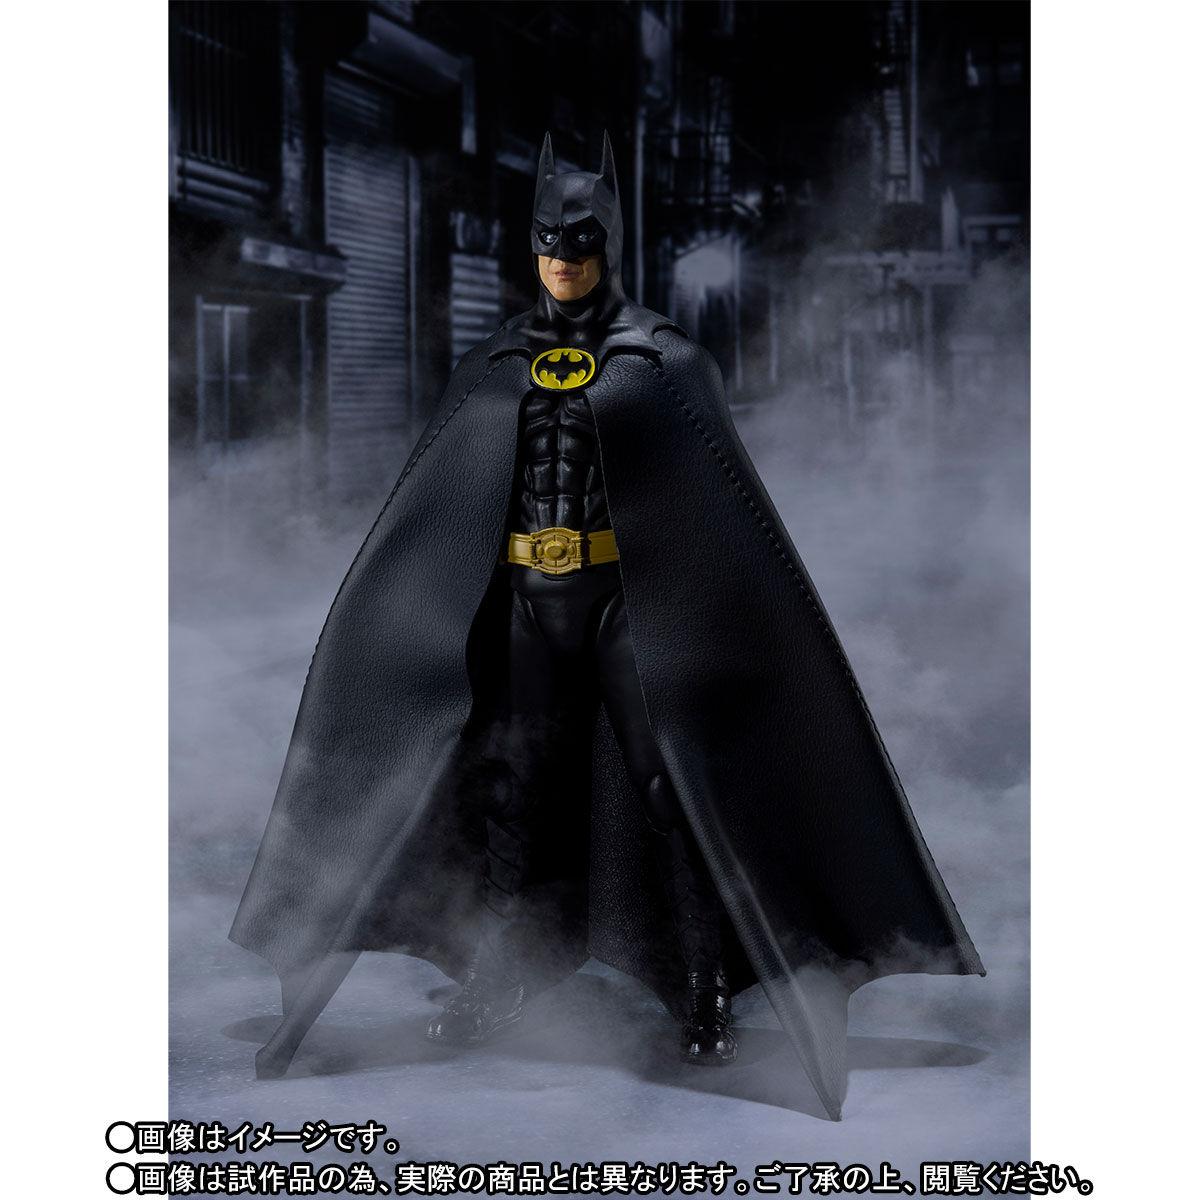 【限定販売】S.H.Figuarts『バットマン(BATMAN 1989)』可動フィギュア-002